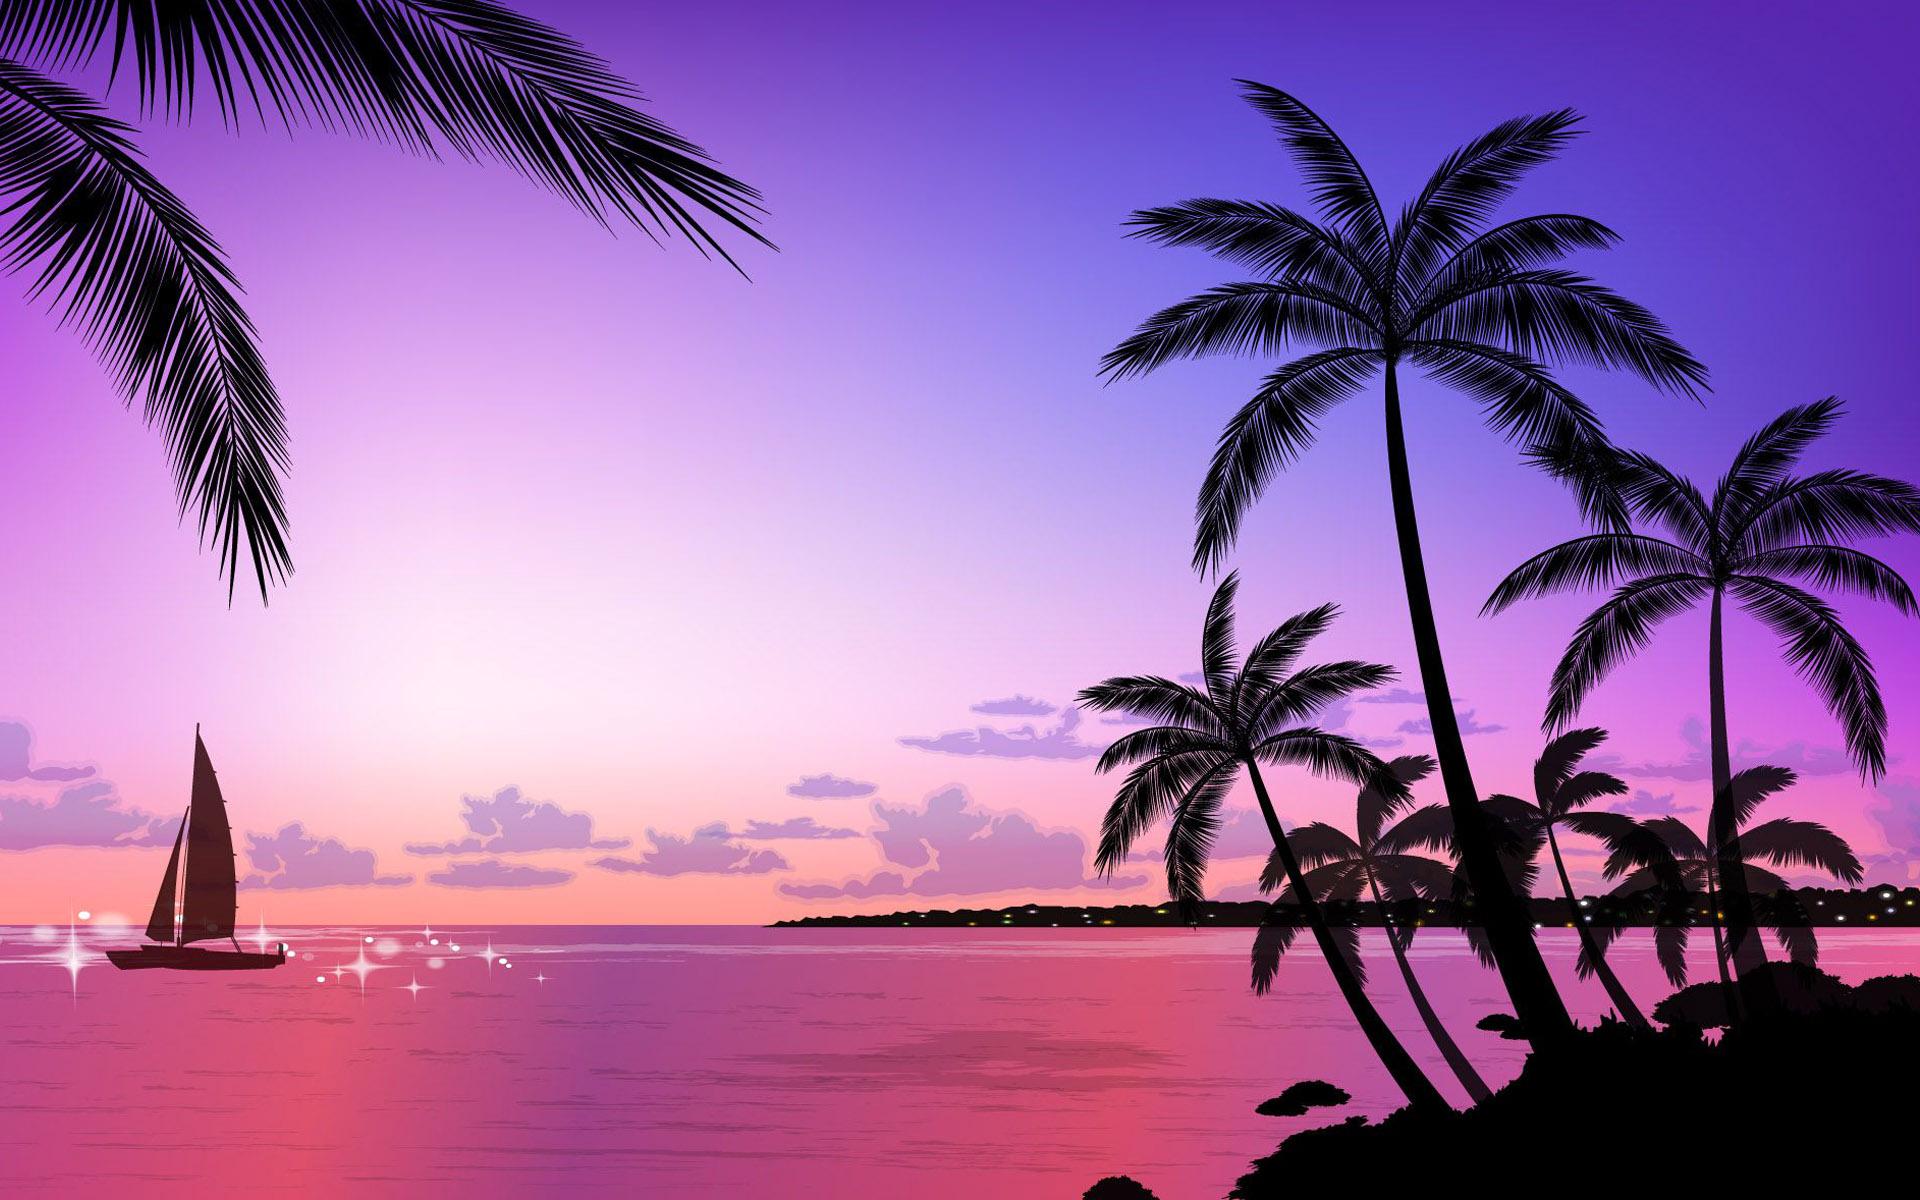 Beach Tropical Ipad Wallpaper